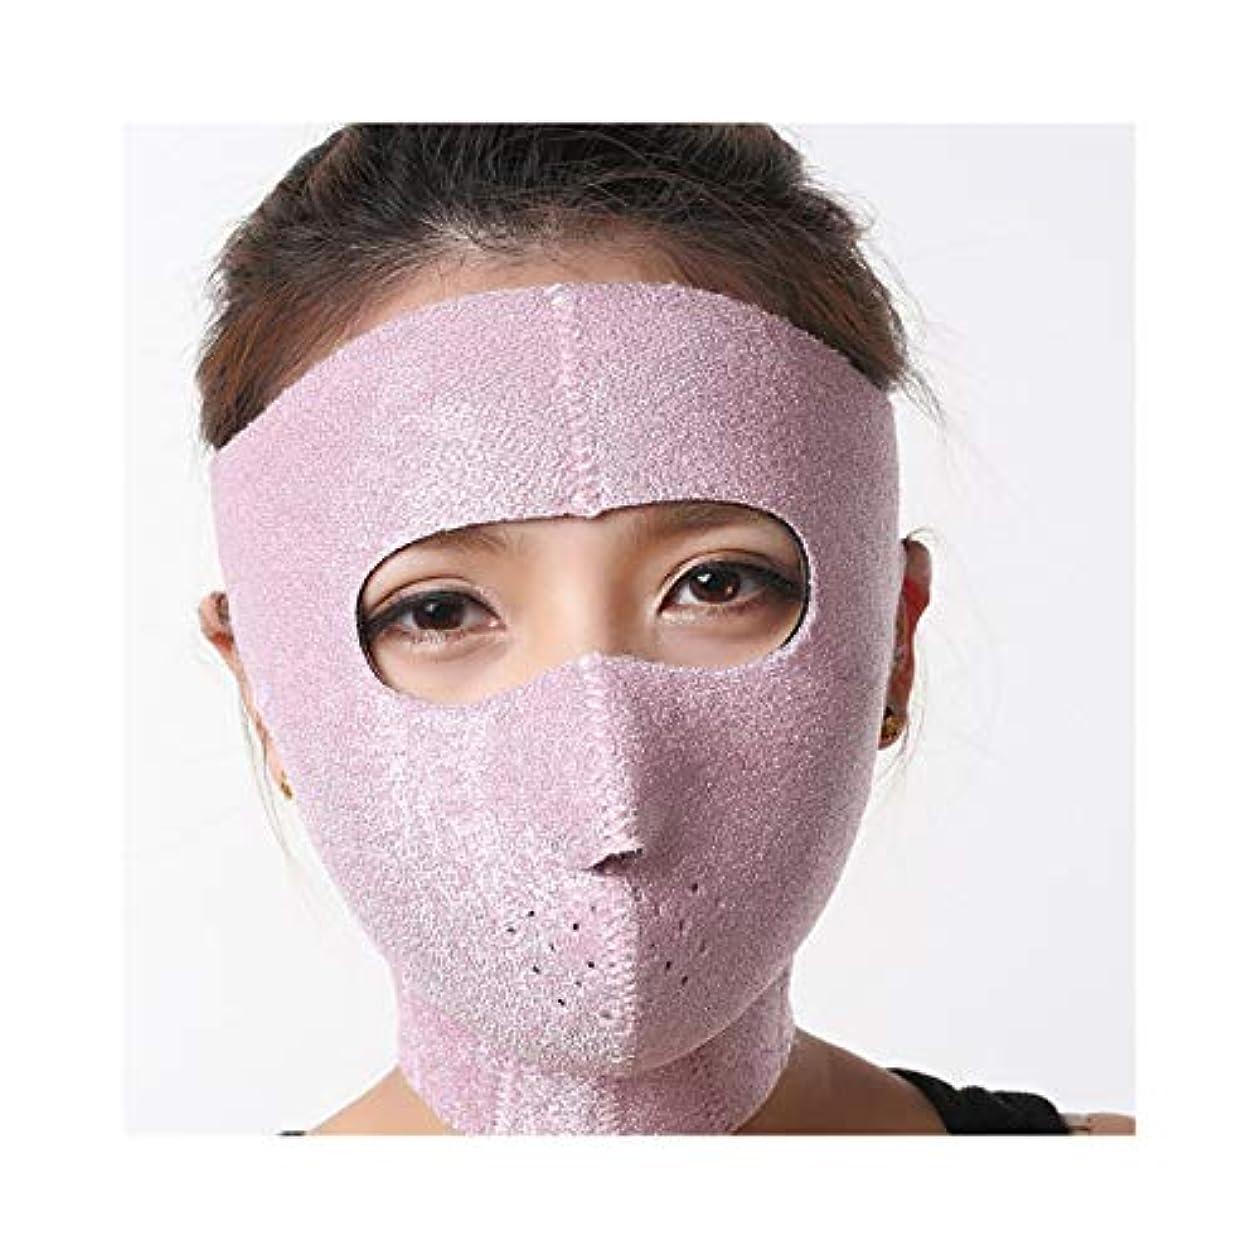 地質学プロトタイプ航空便LJK 痩身ベルト、フェイシャルマスク薄いフェイスマスク睡眠薄い顔マスク薄い顔包帯薄い顔アーティファクト薄い顔の顔の持ち上がる薄い顔小さいV顔睡眠薄い顔ベルト